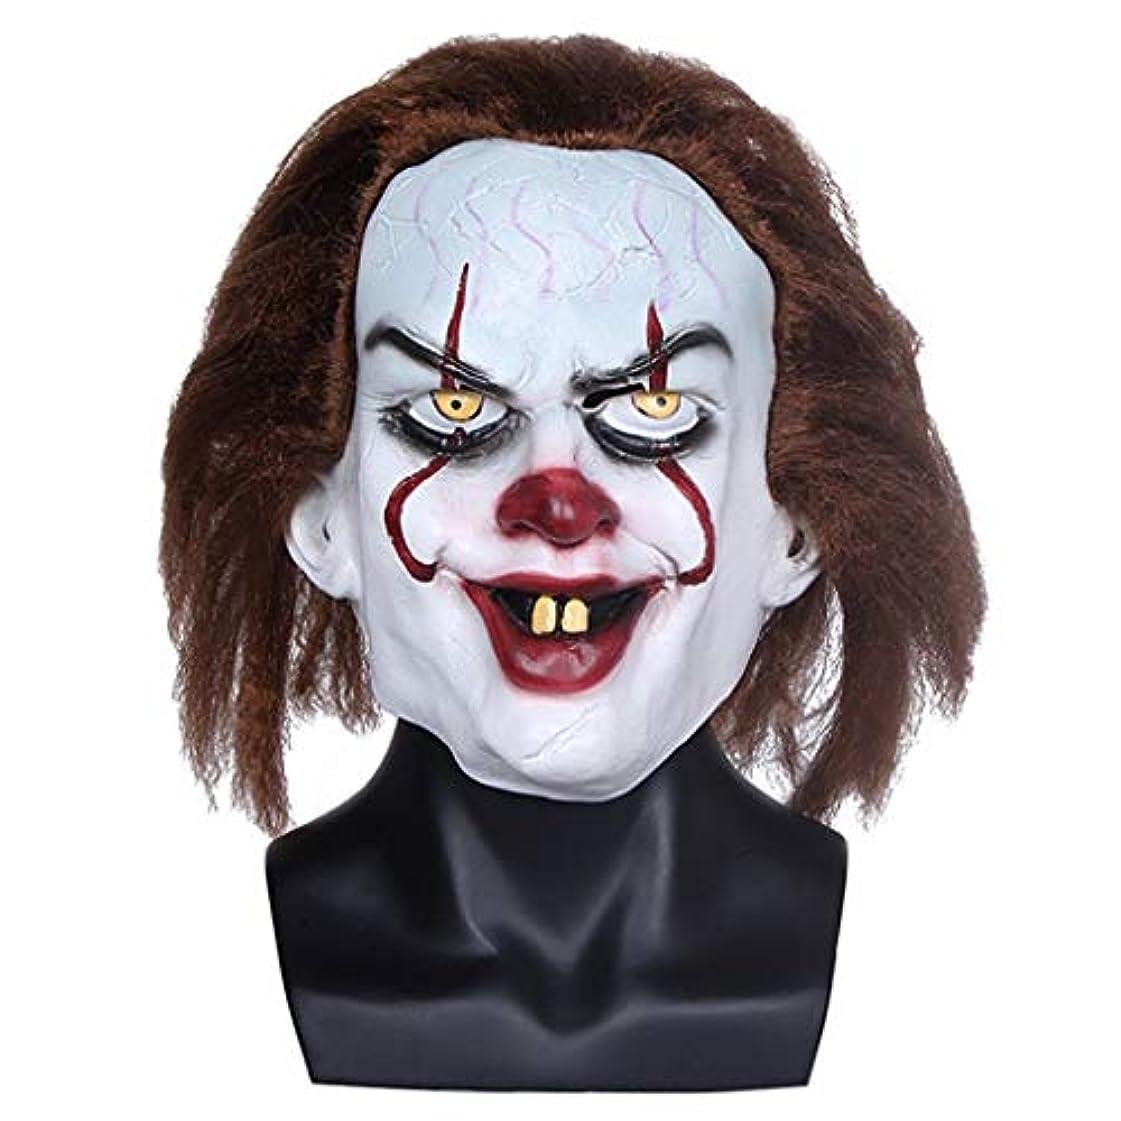 時刻表誠実ぎこちないハロウィンマスク大人の男性用ラテックスヘッドギアホラーピエロマスク笑顔変な顔映画小道具仮面舞踏会マスク